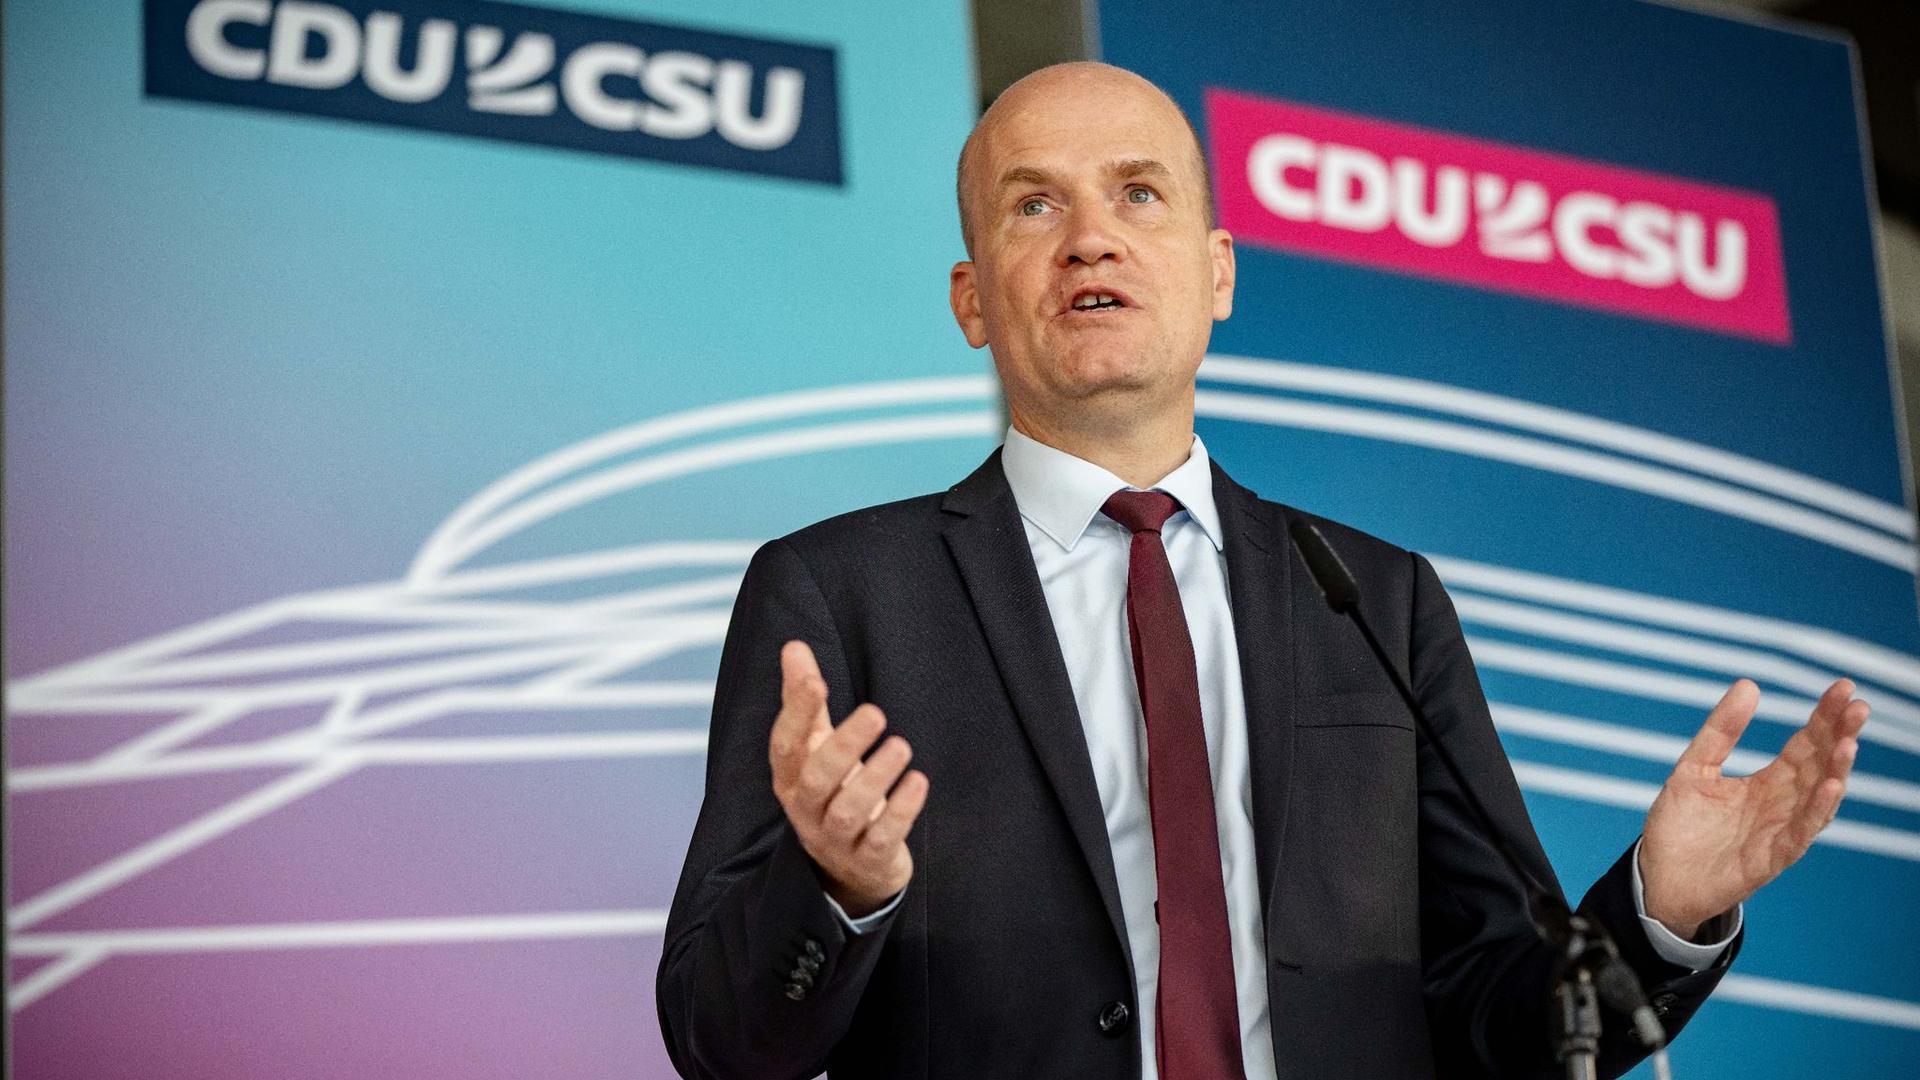 Ralph Brinkhaus, Vorsitzender der CDU/CSU Bundestagsfraktion, spricht bei einem Pressetermin vor Beginn der Sitzung der CDU/CSU Bundestagsfraktion.